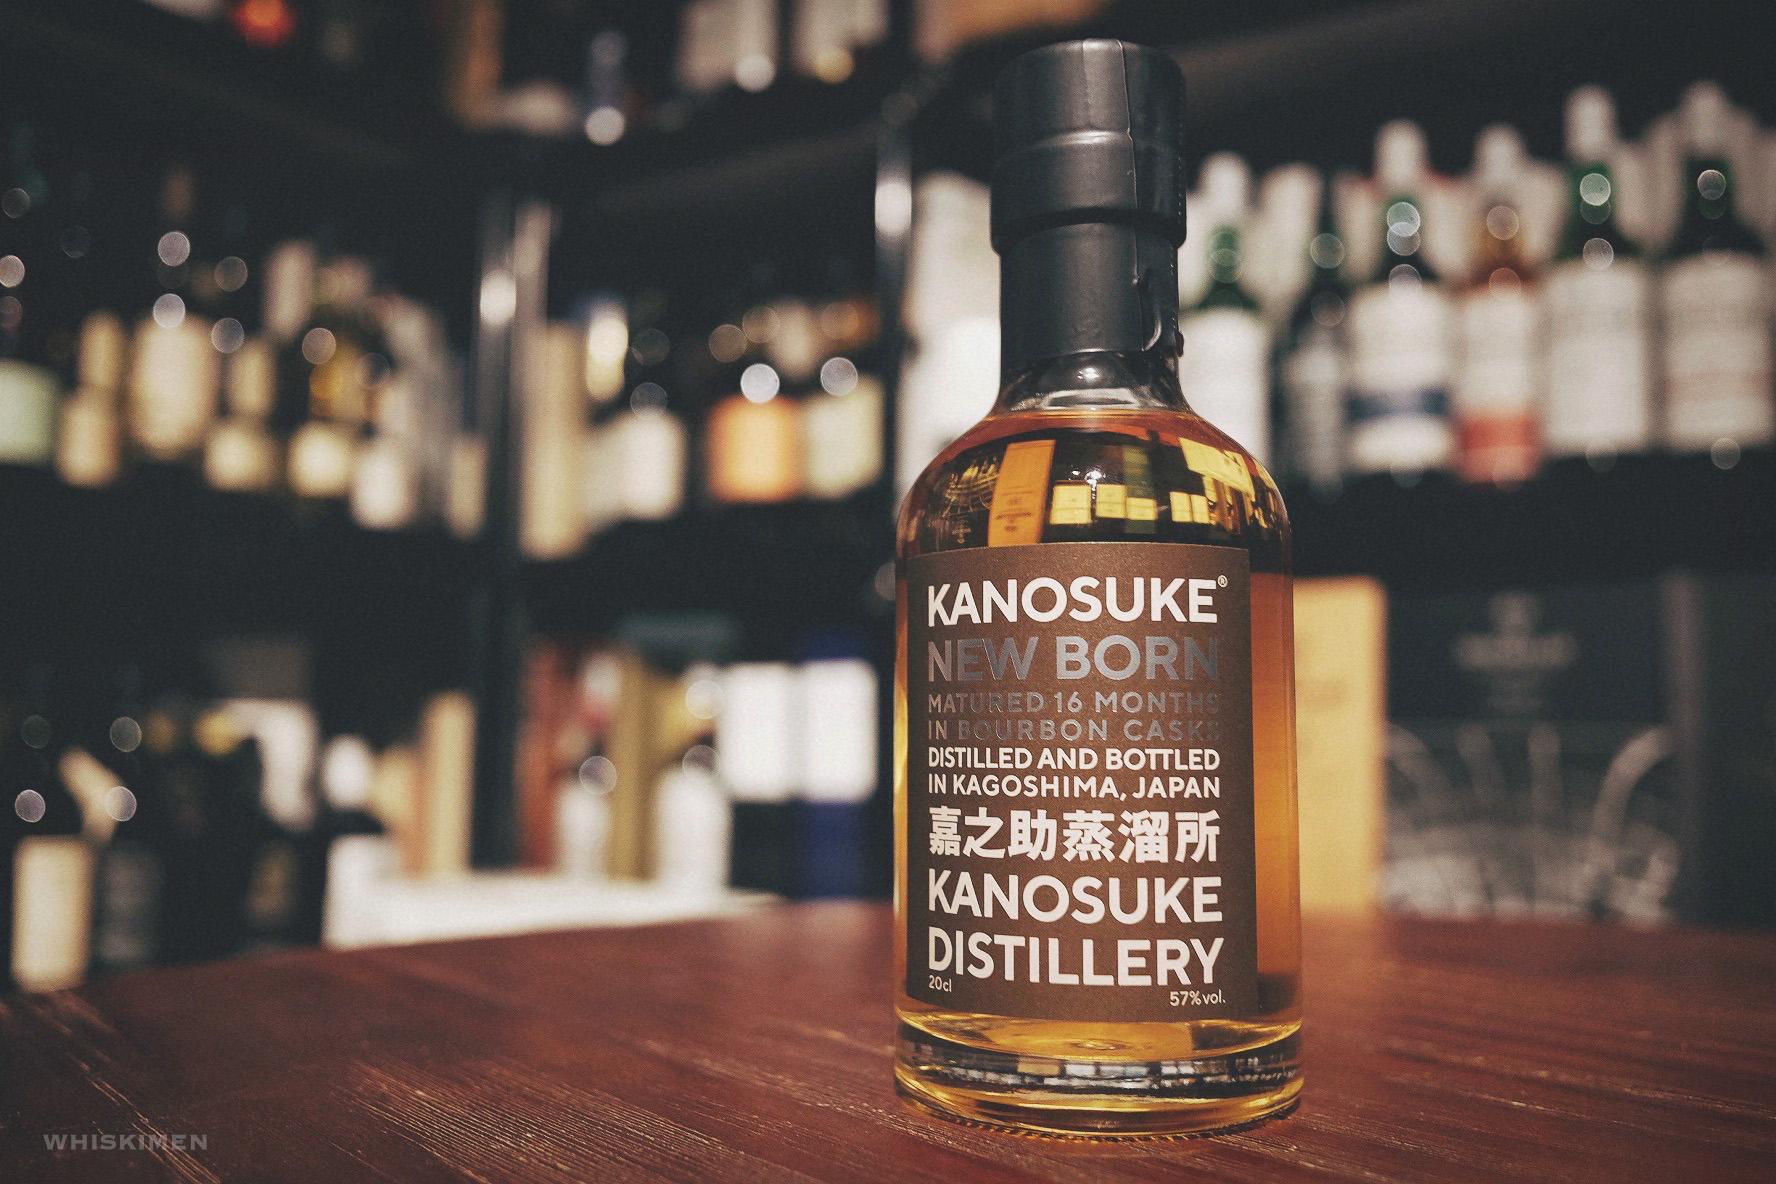 嘉之助 Kanosuke New Born 2019, 日本, 鹿兒島, Japan, Japanese Whisky, single malt whisky, 日本威士忌, 日威, 日本威士忌, Bourbon,